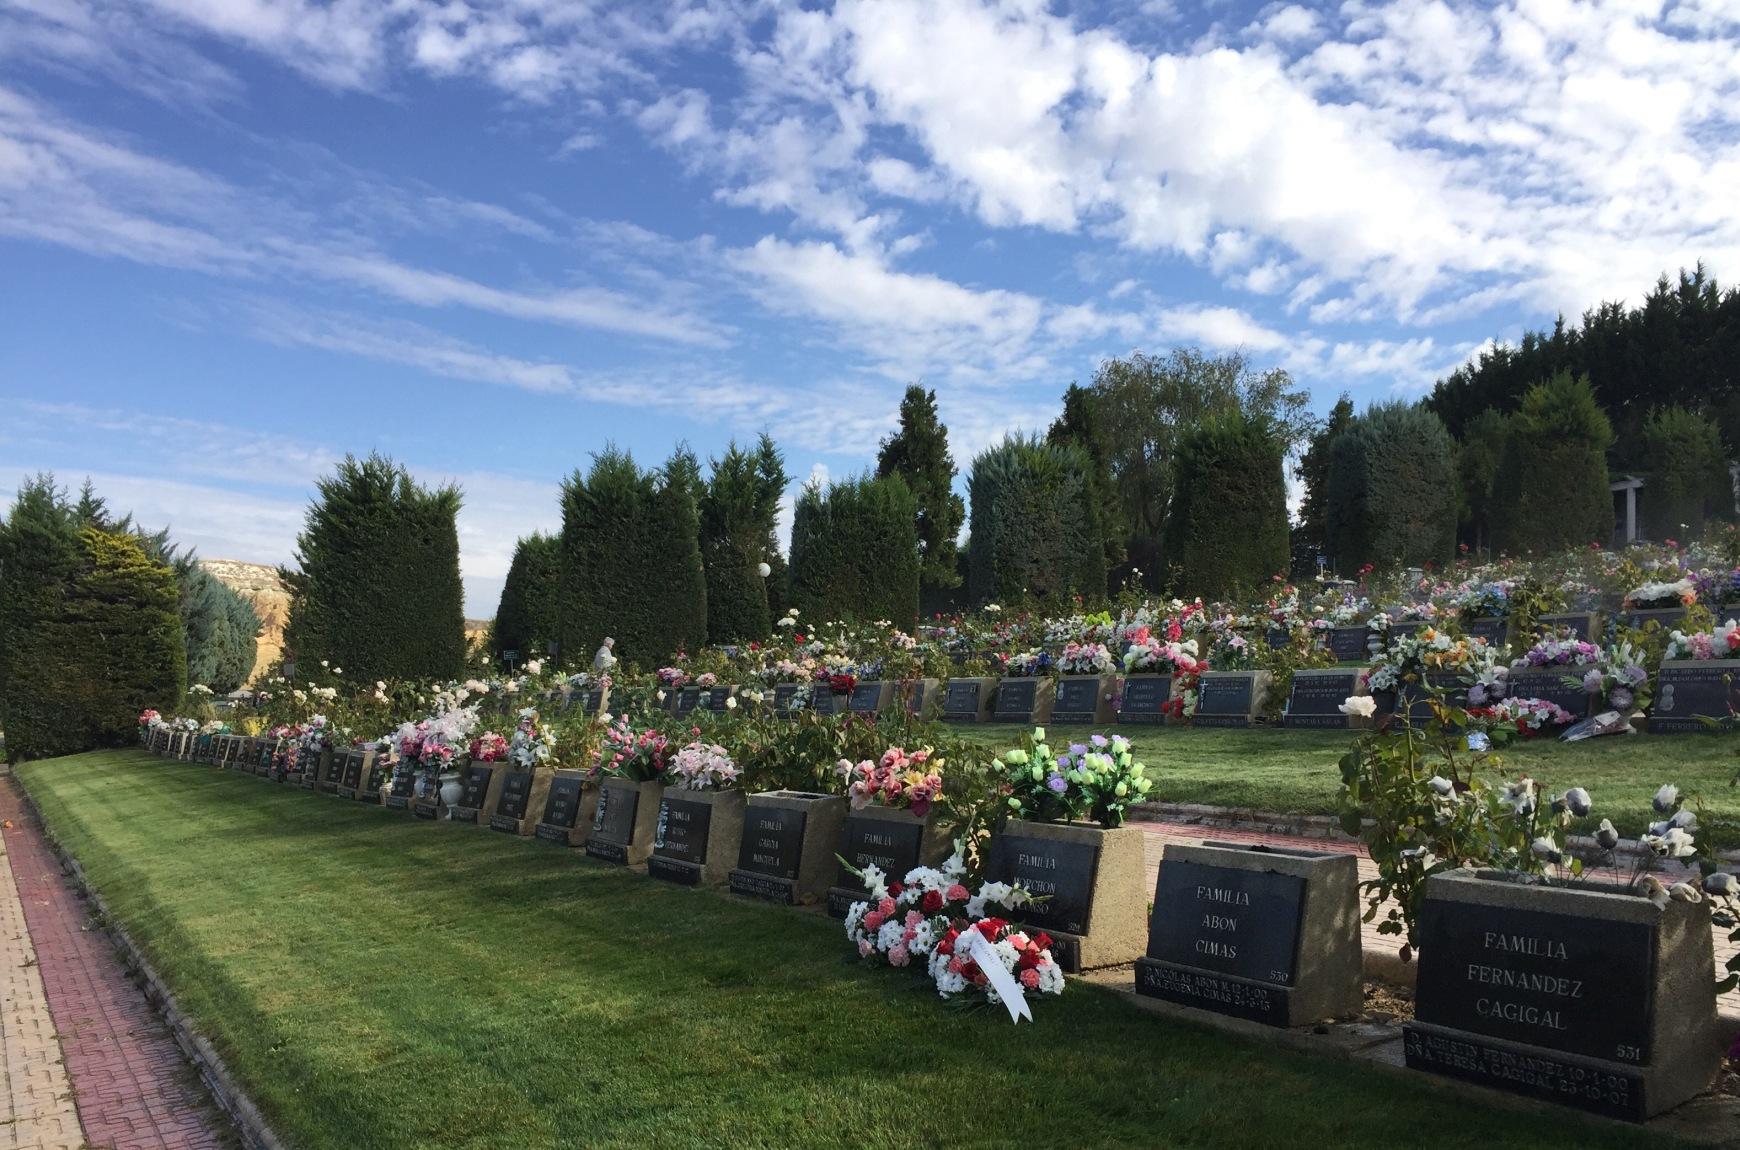 Cementerio jard n parque el salvador grupo el salvador for Horario oficinas caja duero